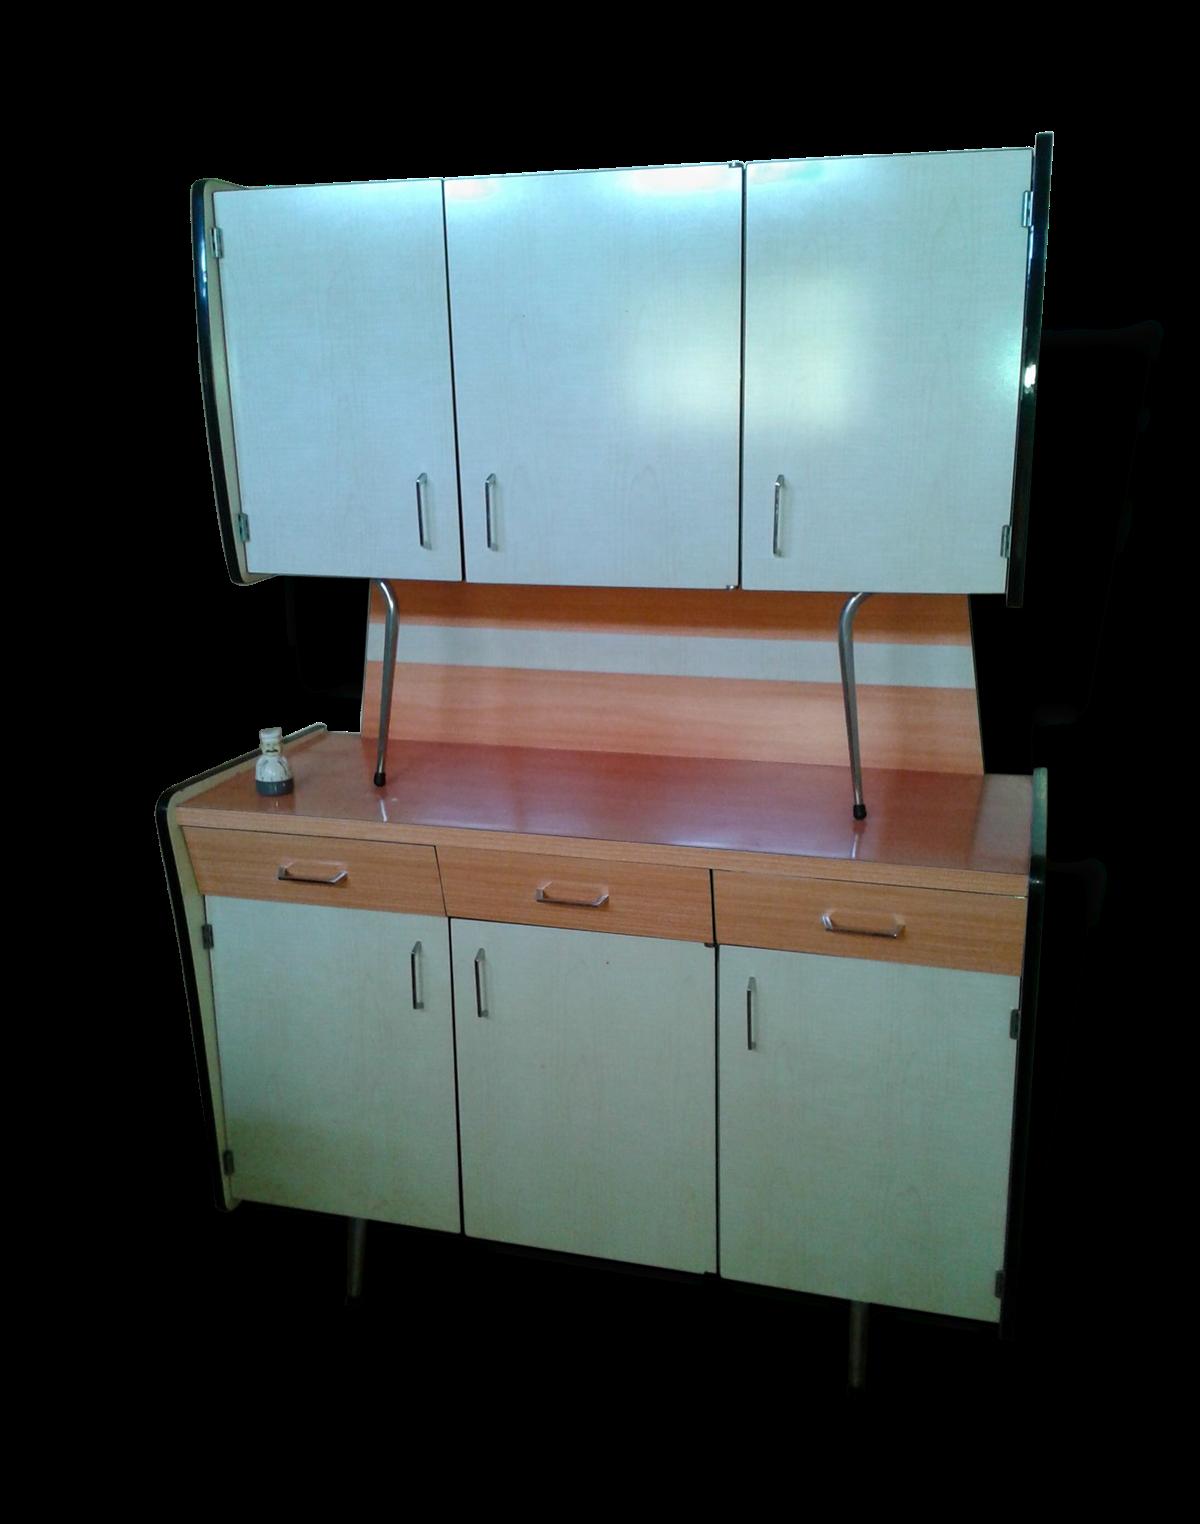 Meuble tv blanc laqu fly finest meuble salle de bain laqu for Fly bahut